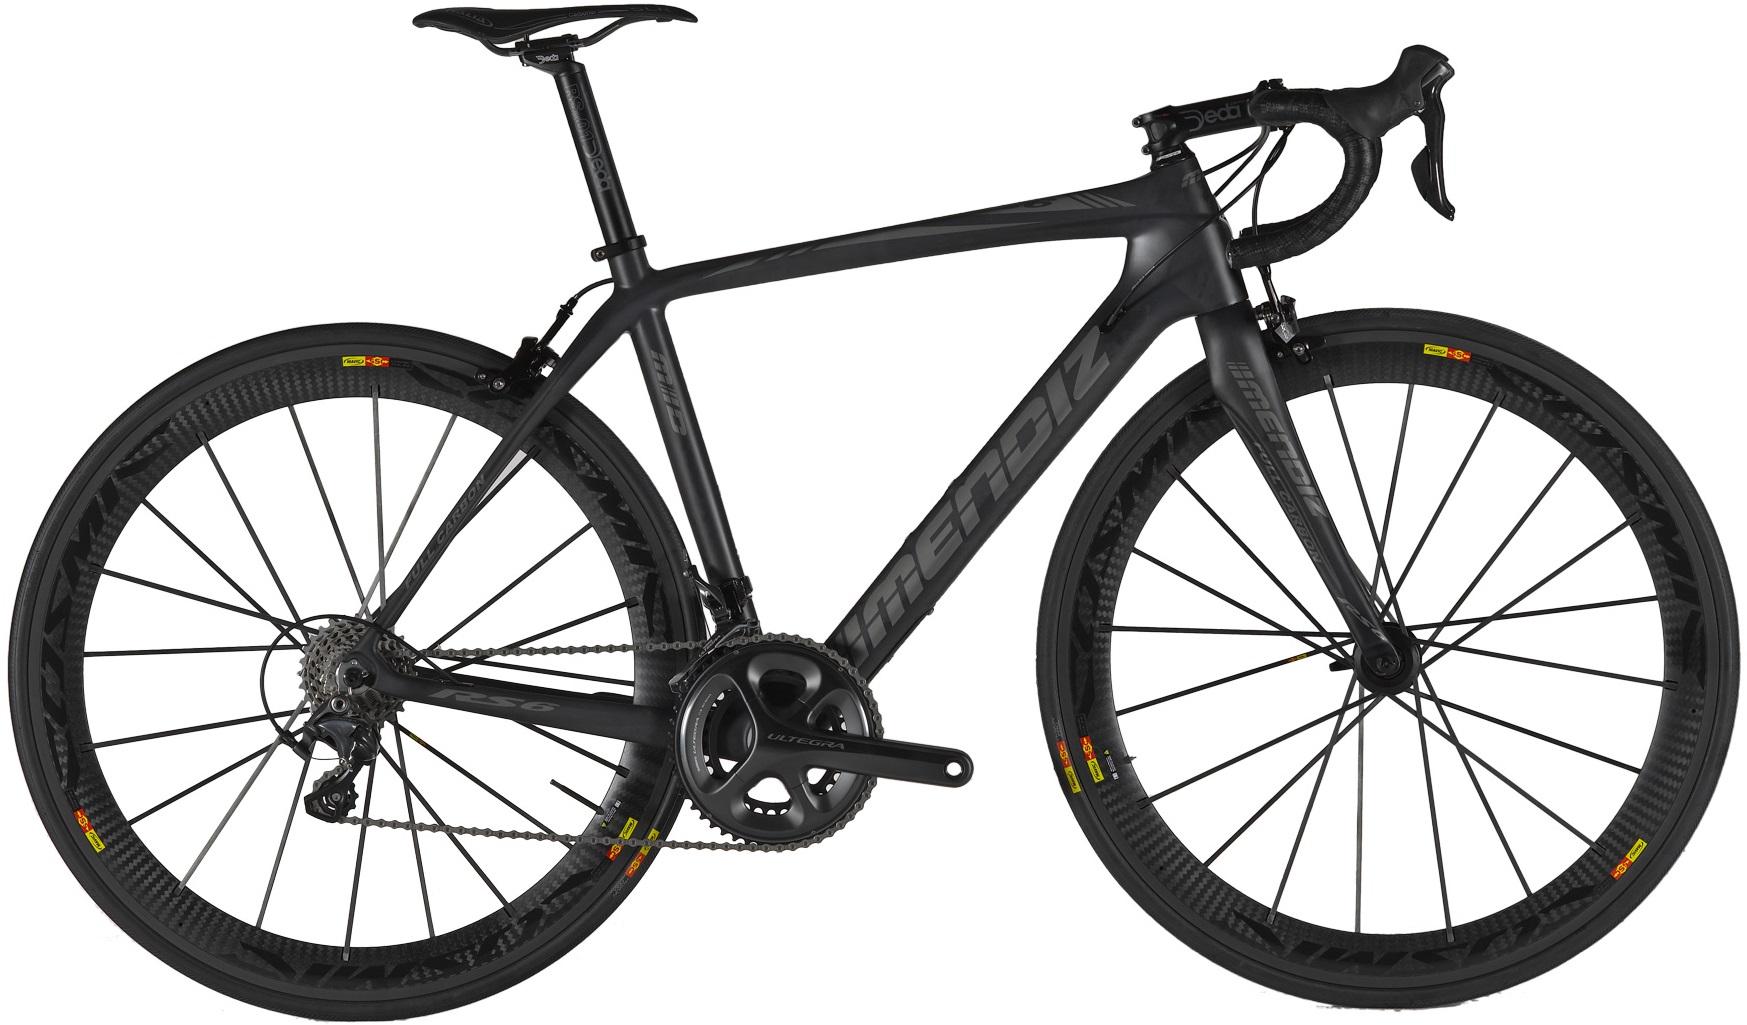 Ribble R872 | BikeWar